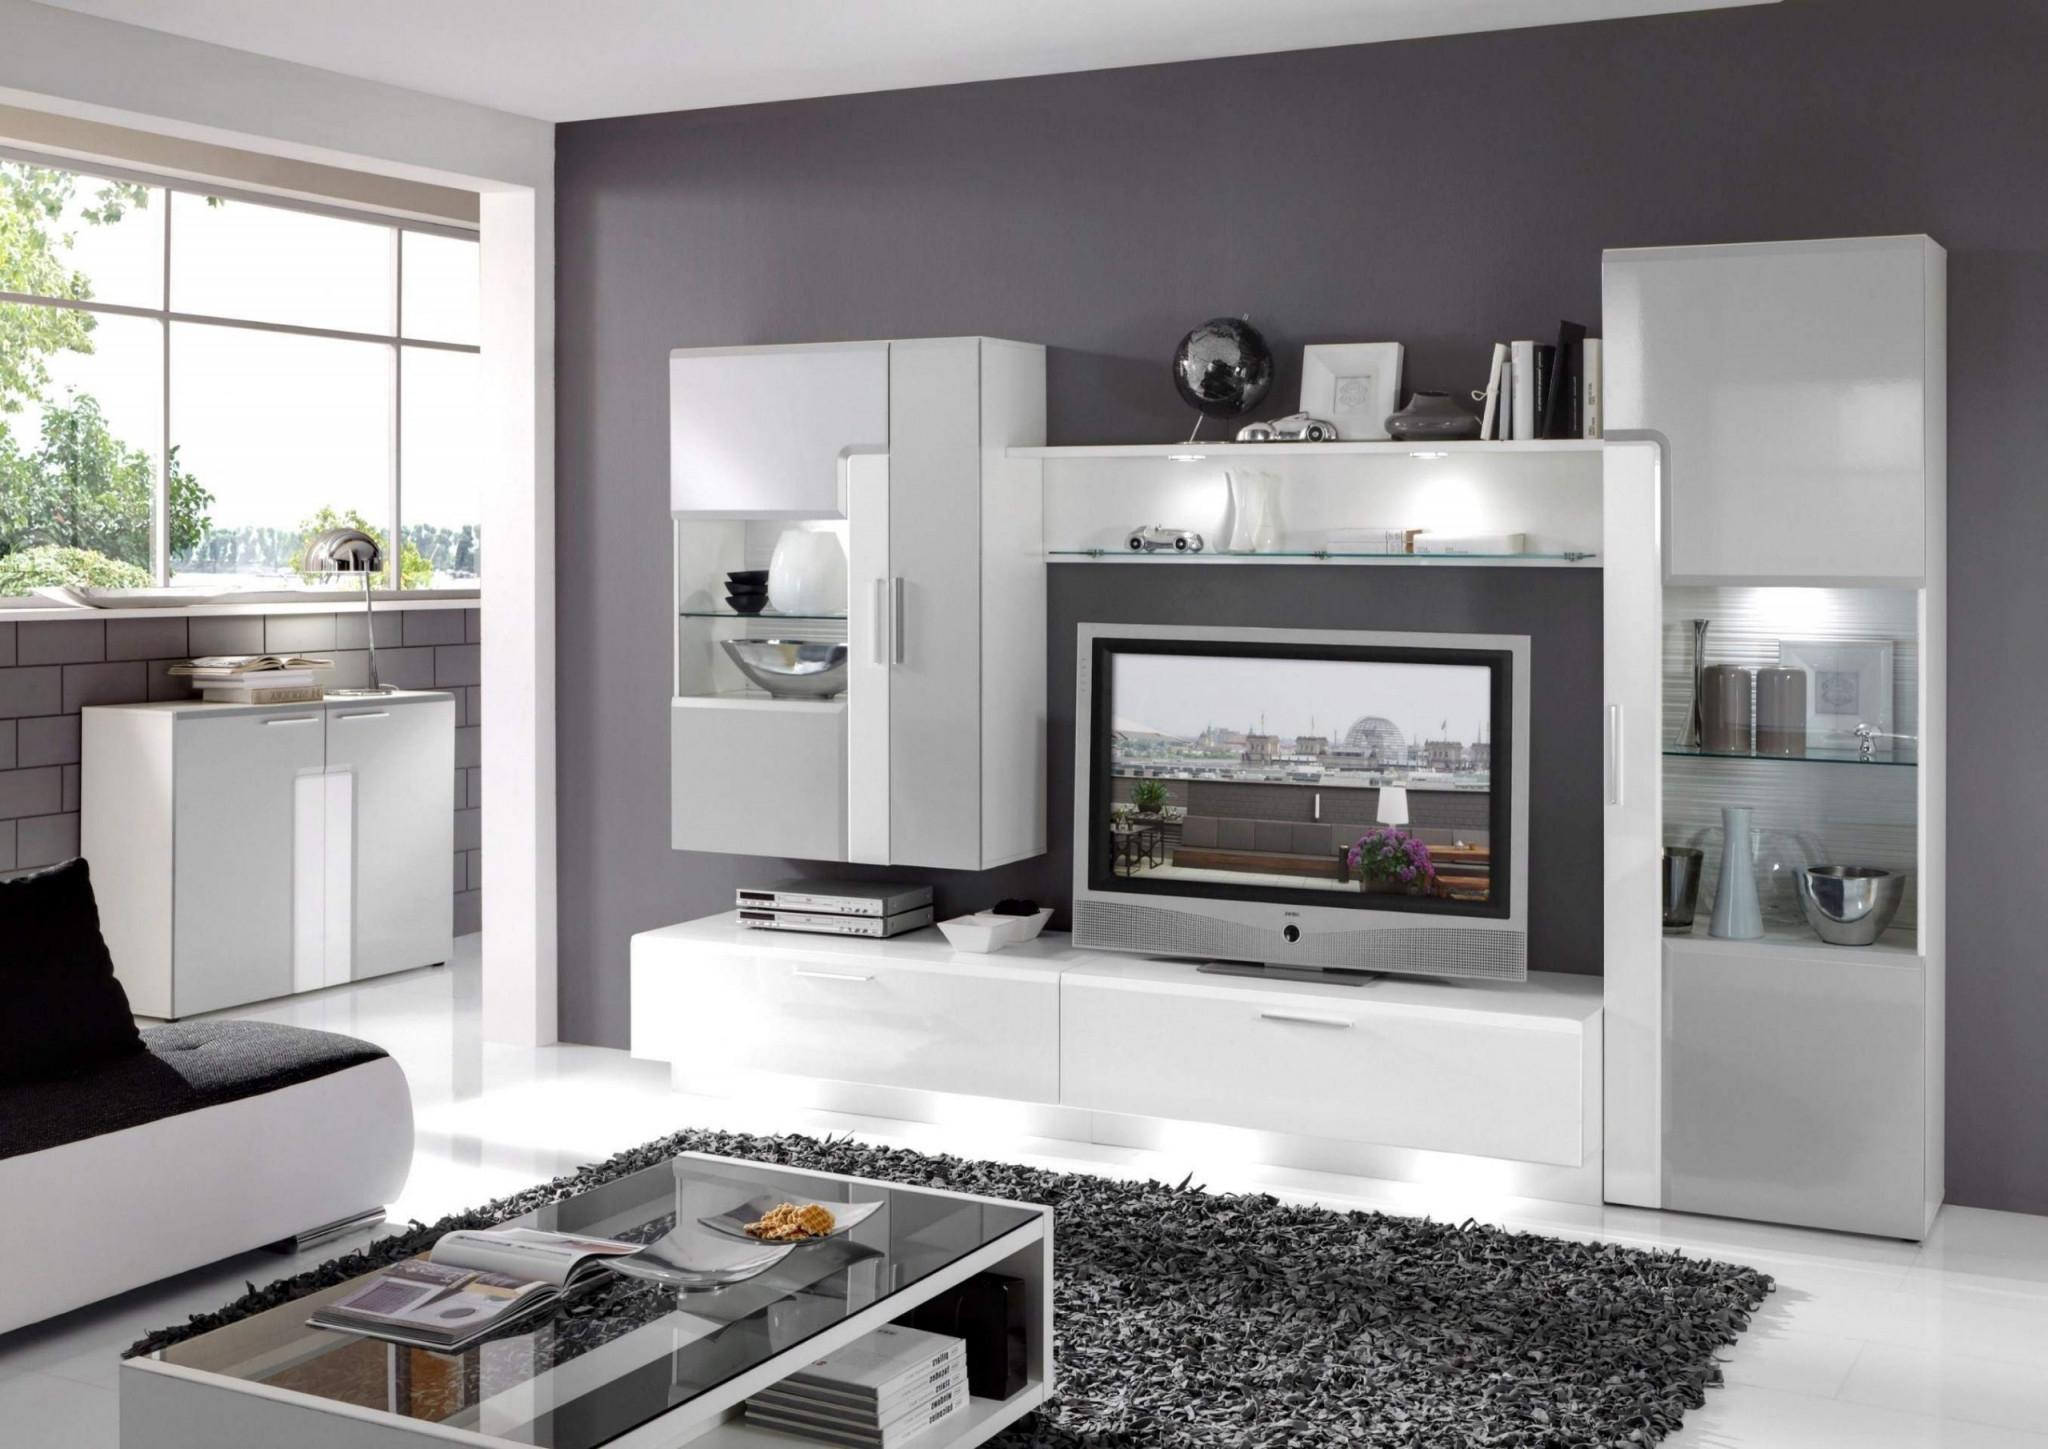 Grau Weiß Wohnzimmer Reizend Einzigartig Wohnzimmer Grau von Wohnzimmer Einrichten Grau Weiß Bild